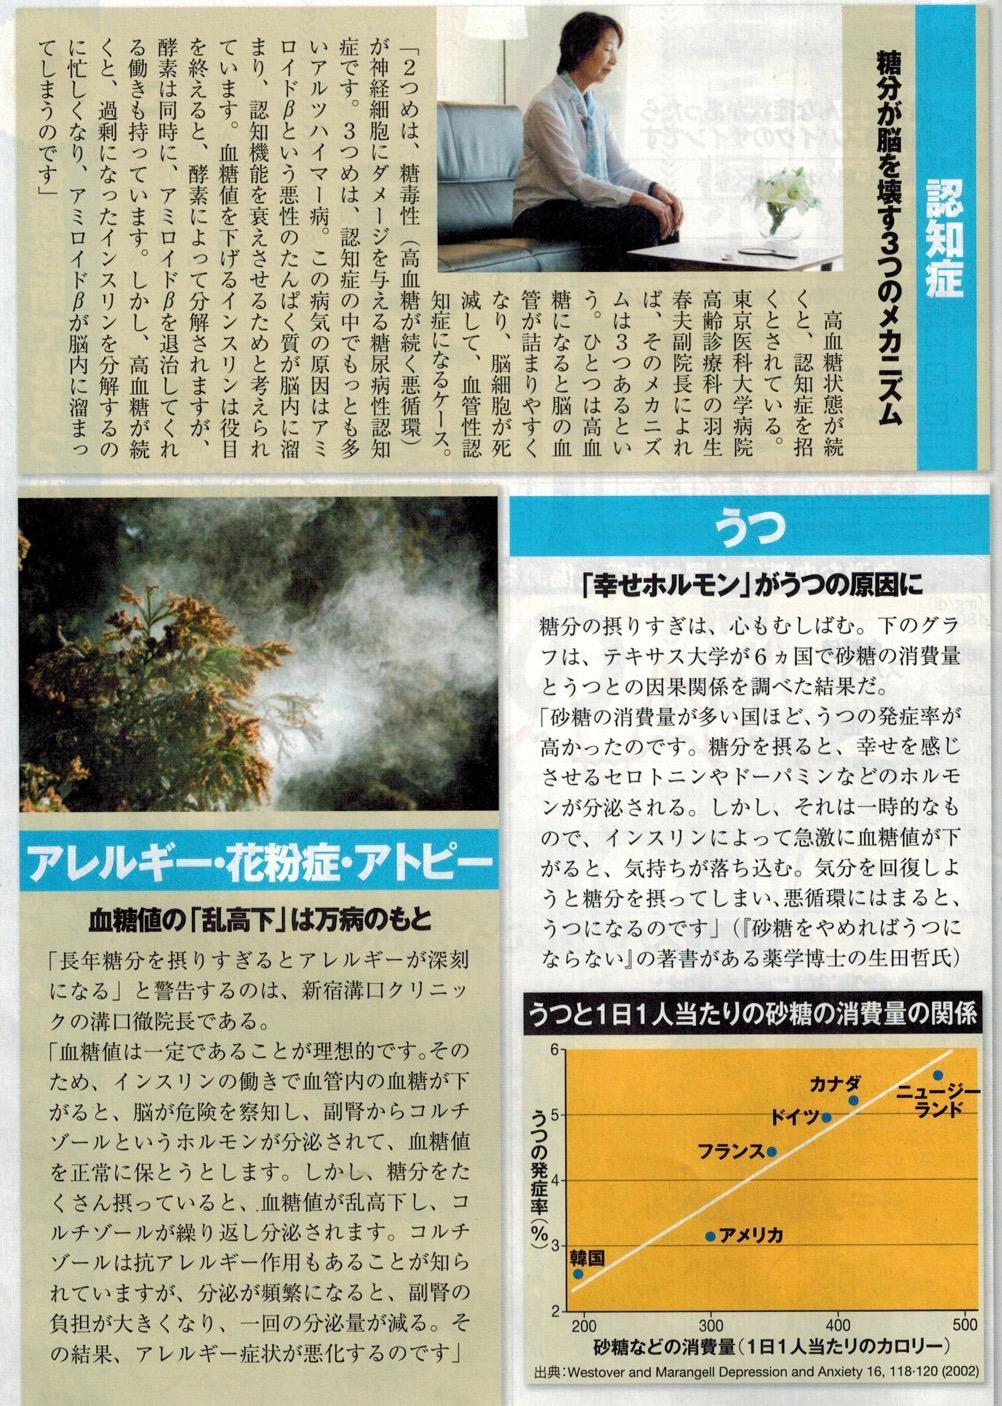 週刊現代2017年3月25日/4月1日号